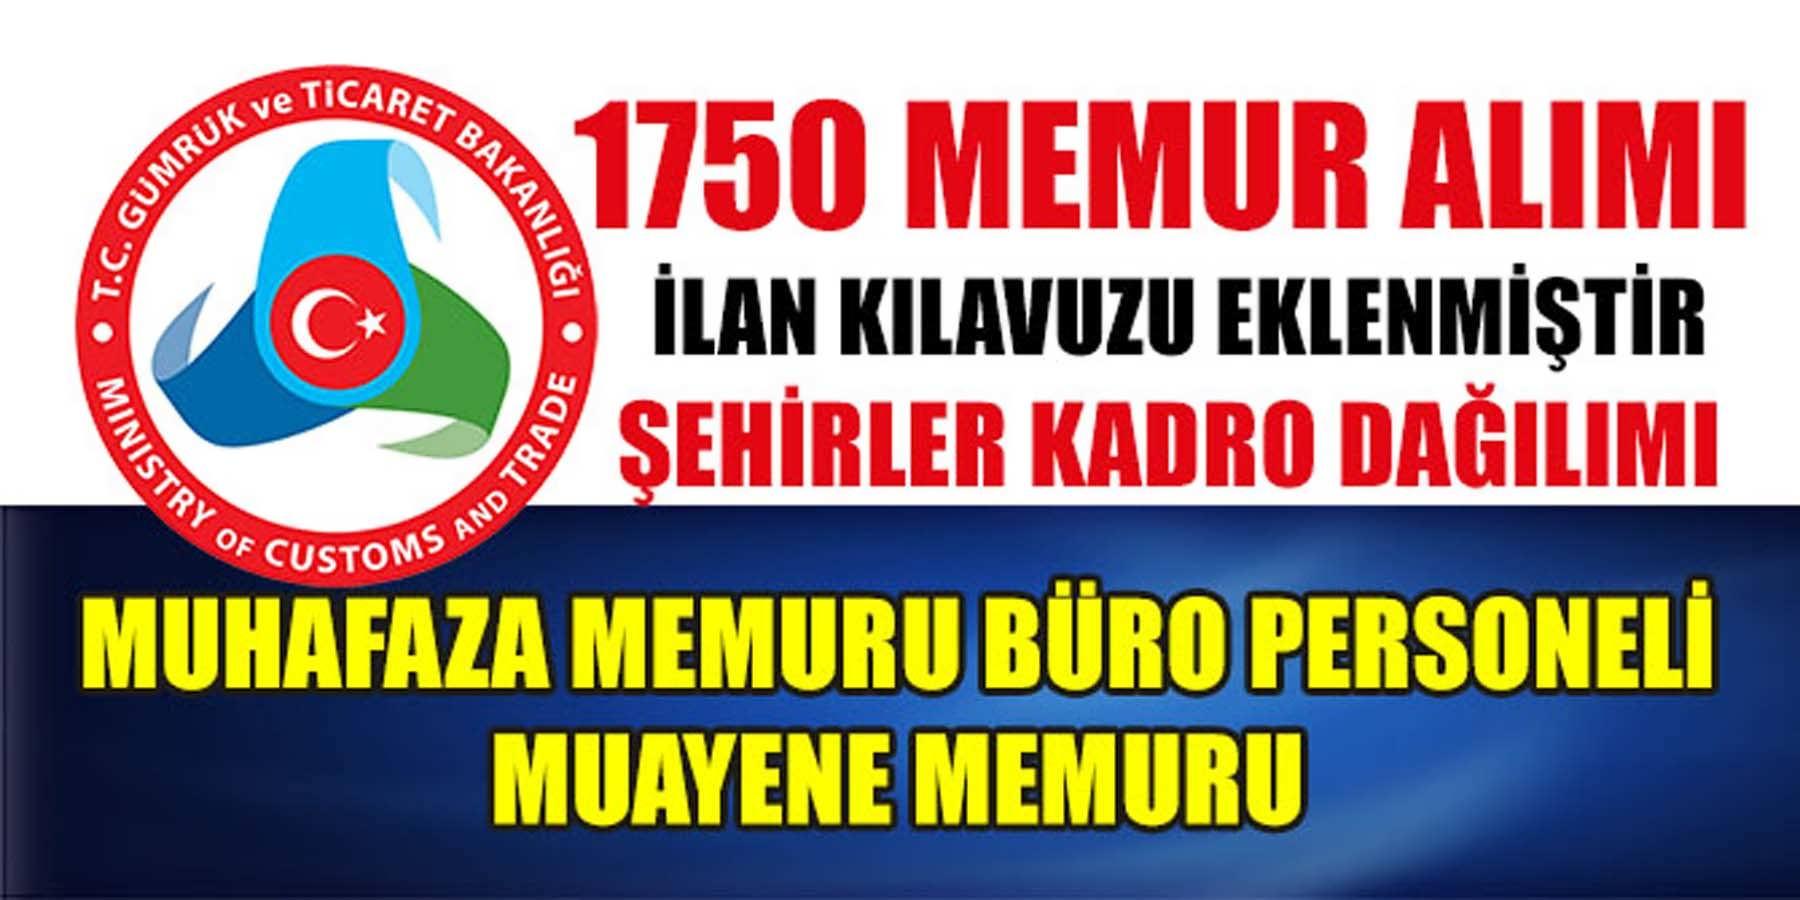 Gümrük Ve Ticaret Bakanlığı (Ticaret İl Müdürlüklerine) 1750 Memur (Kamu Personeli) Alımı